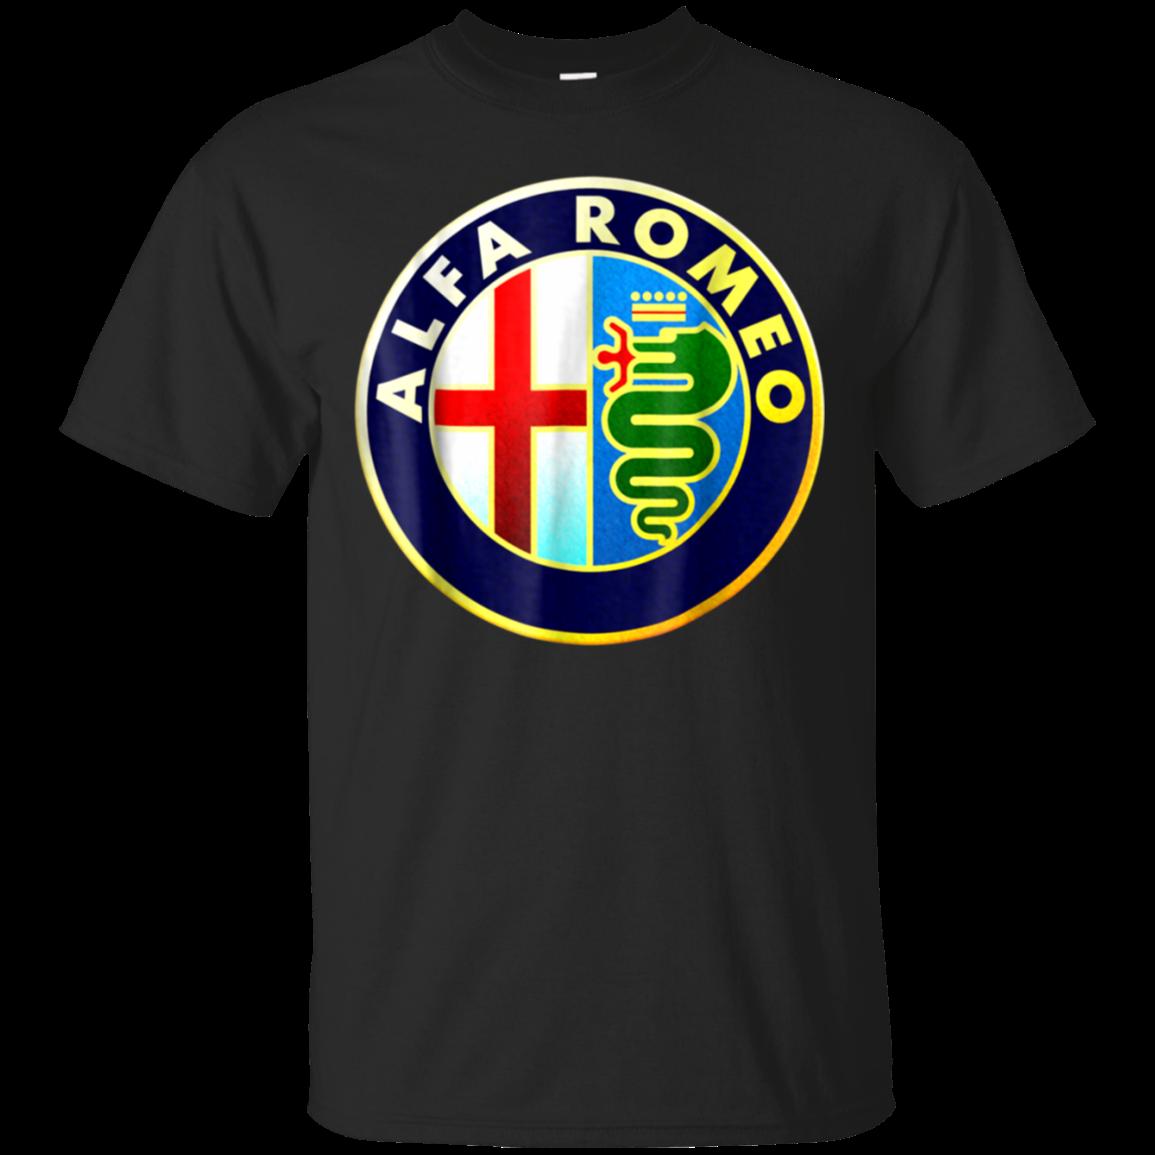 Alfa Romeo Shirt Shirt